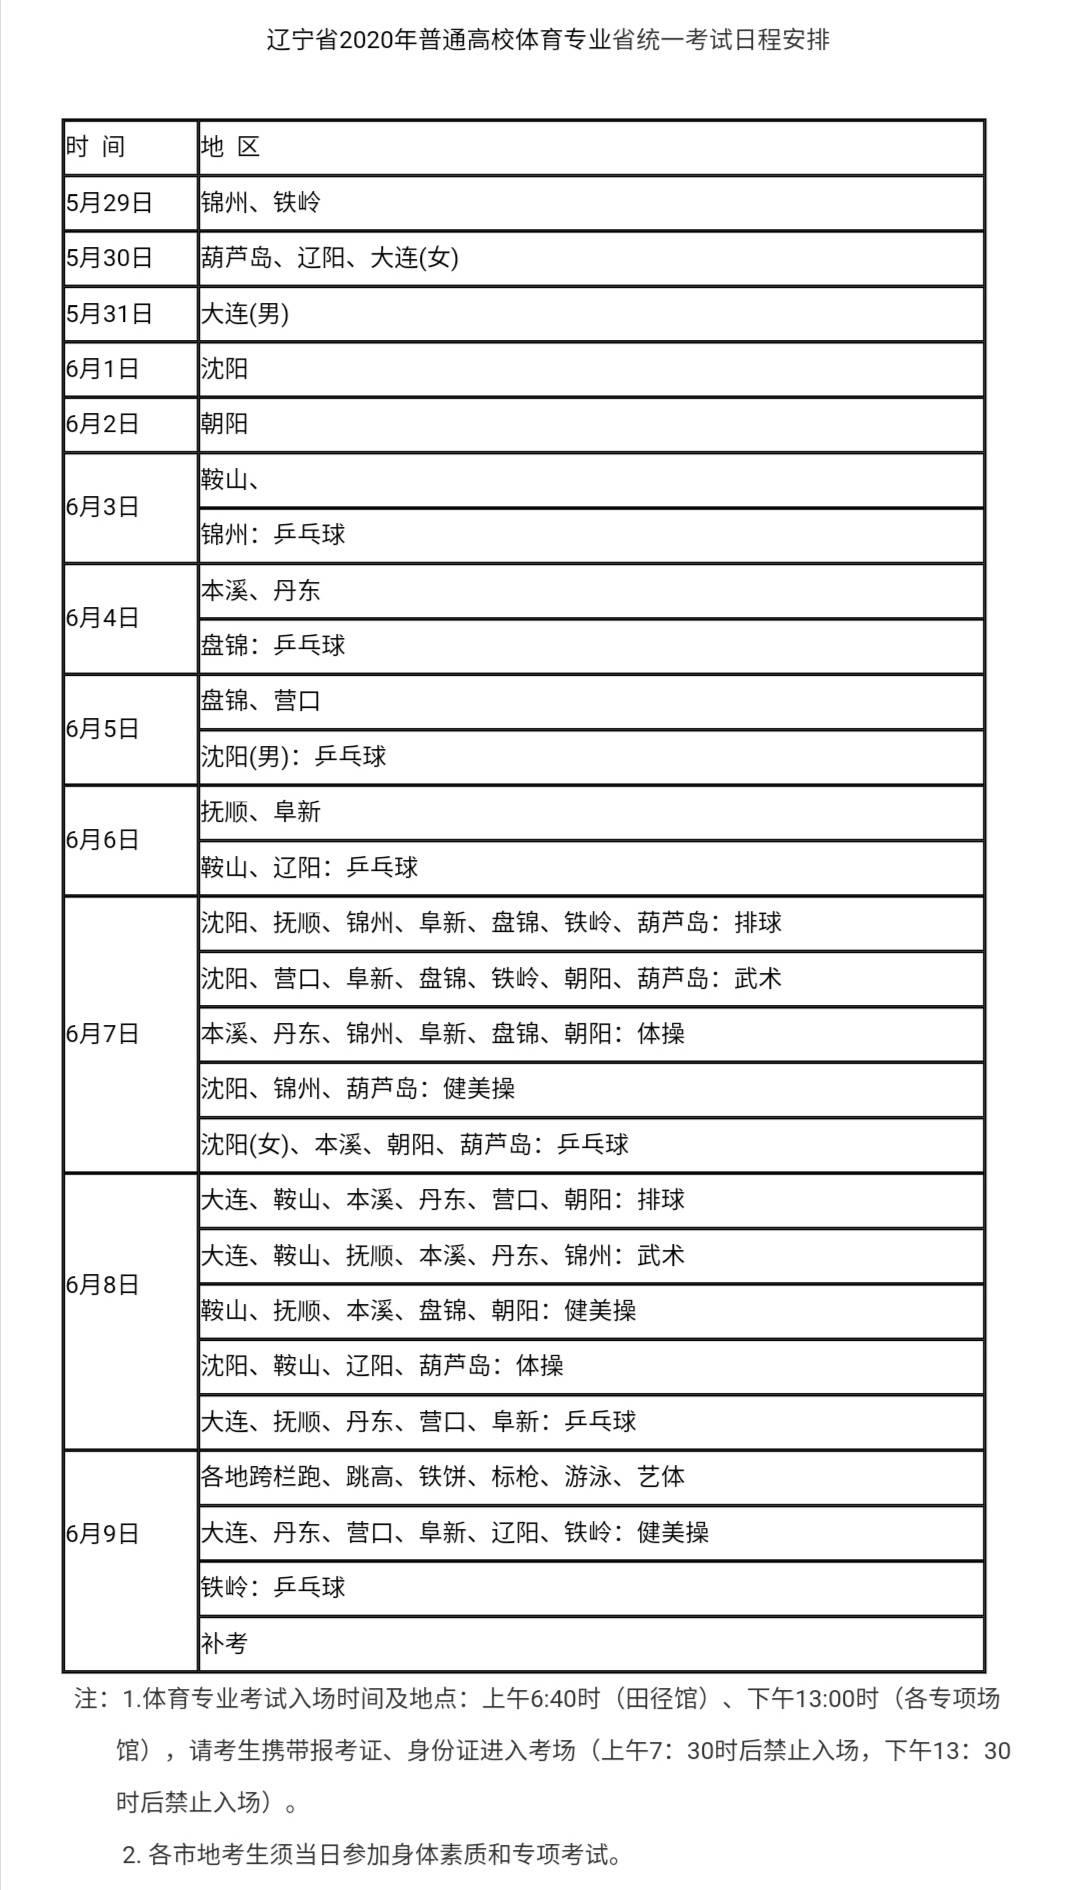 辽宁2020年高考体育专业统考时间为5月29日至6月9日考生考前14天内不得离开辽宁